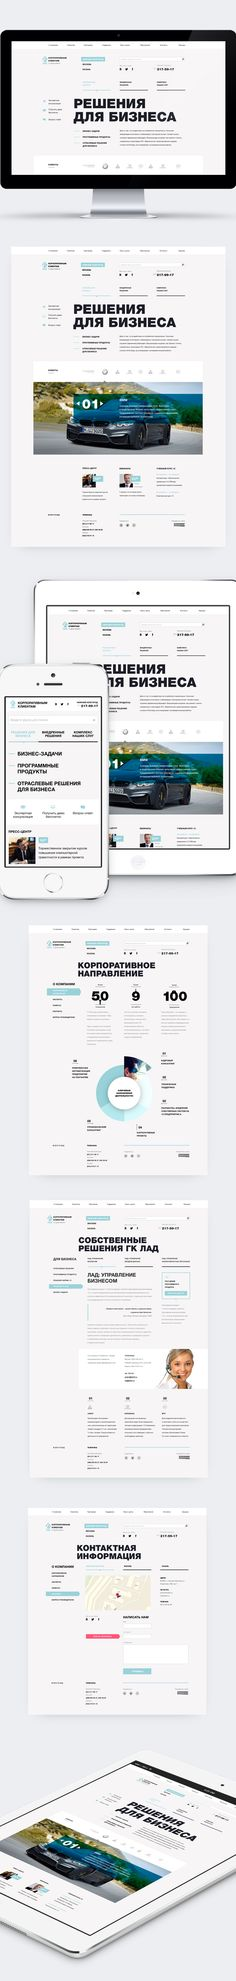 LAD on Web Design Served